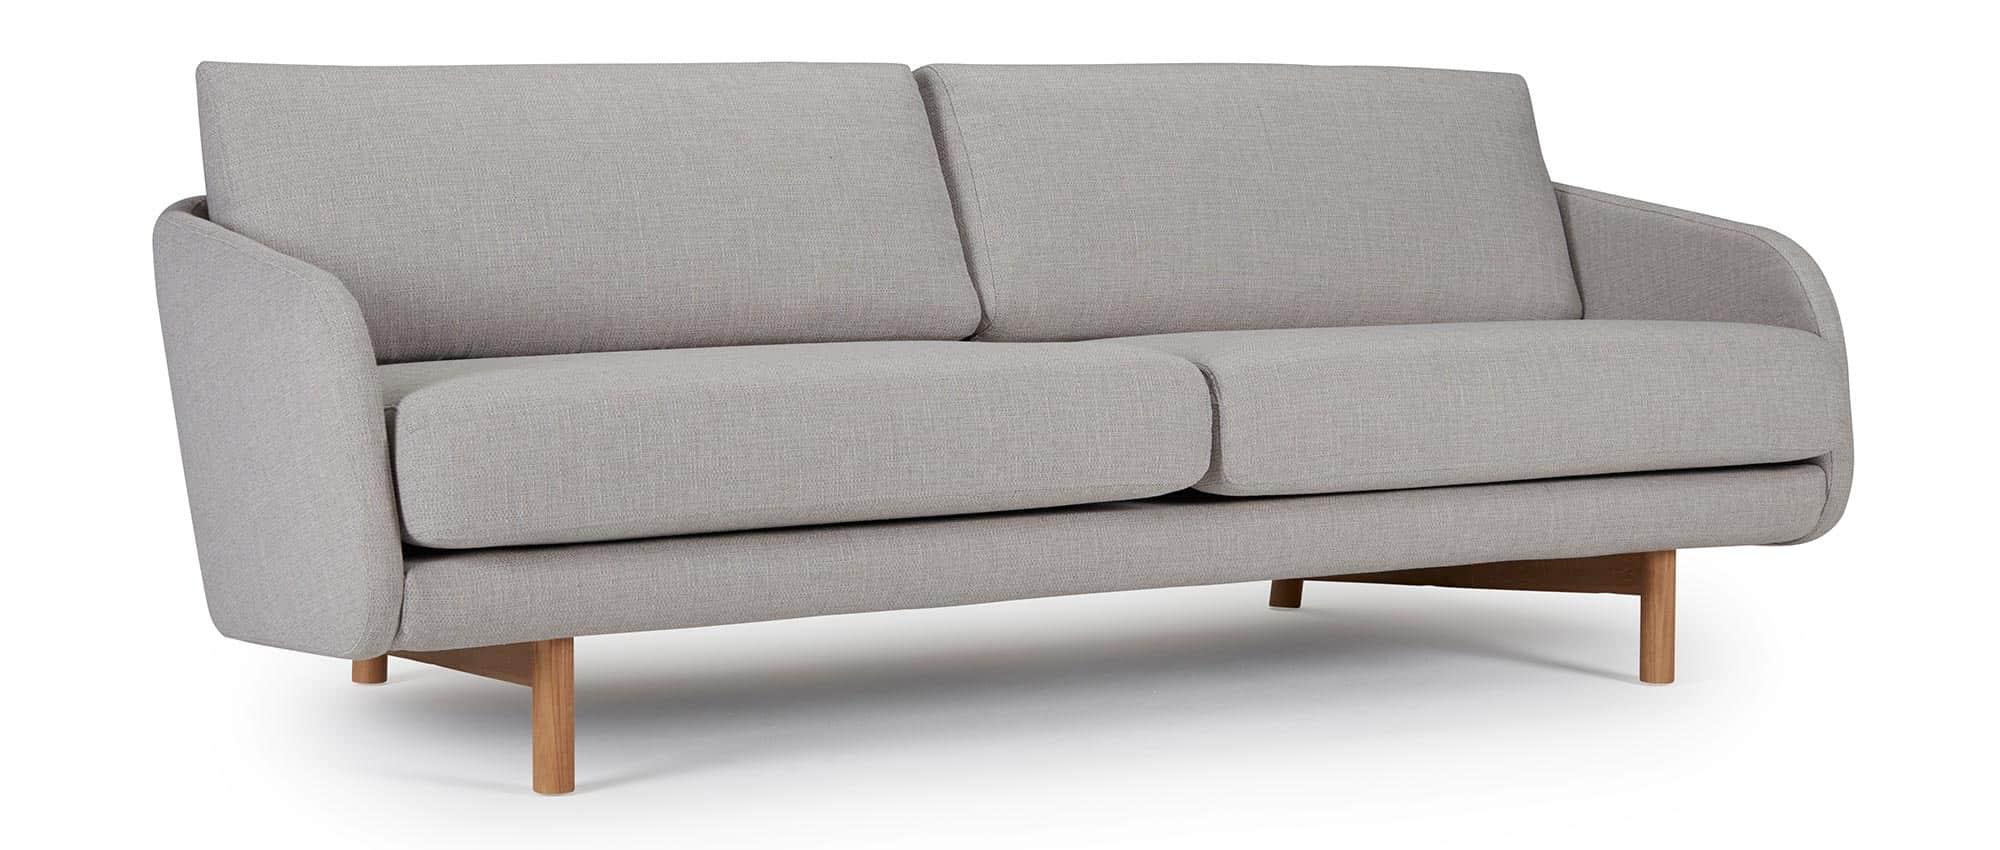 3 sitzer sofa grimstad mit polsterarmlehnen und hellen holzf en. Black Bedroom Furniture Sets. Home Design Ideas